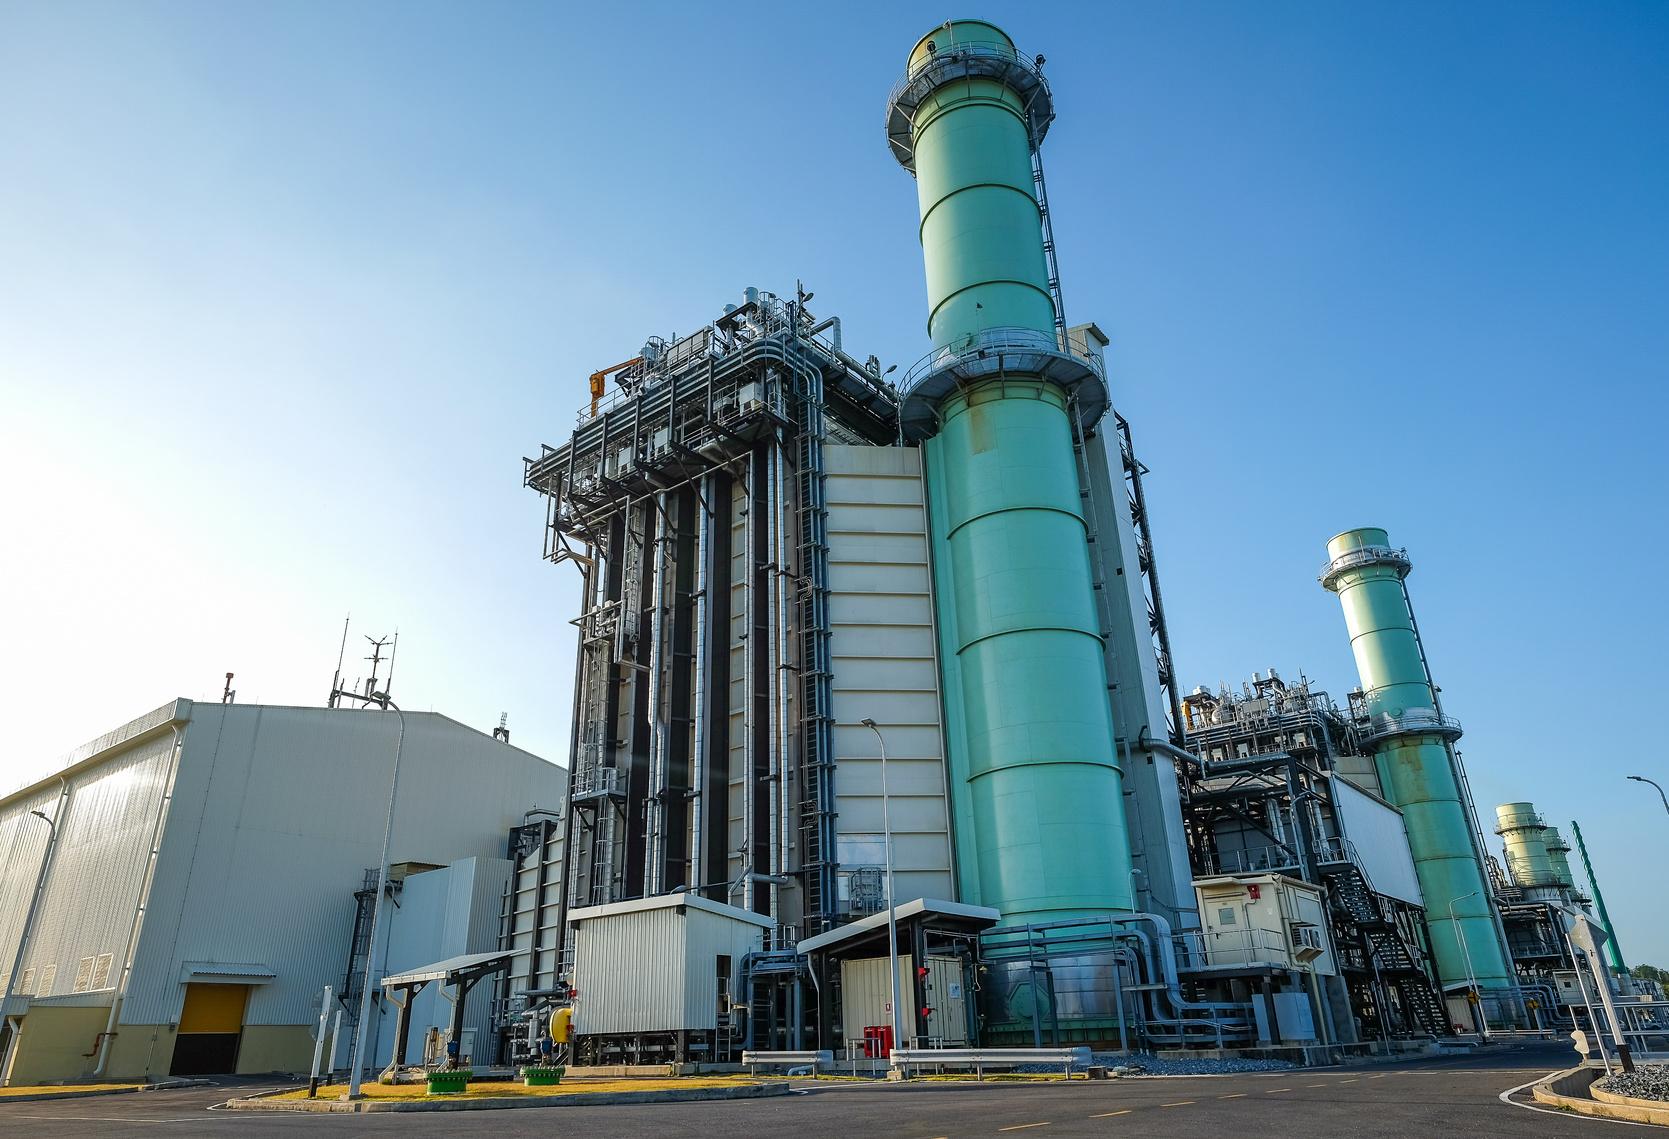 Ein herkömmliches Heizkraftwerk für die Fernwärmeversorgung erfordert hohe Investitionen in Verteilernetze mit erheblichen Wärmeverlusten auf längere Strecken. Bild: tanasan / fotolia.com